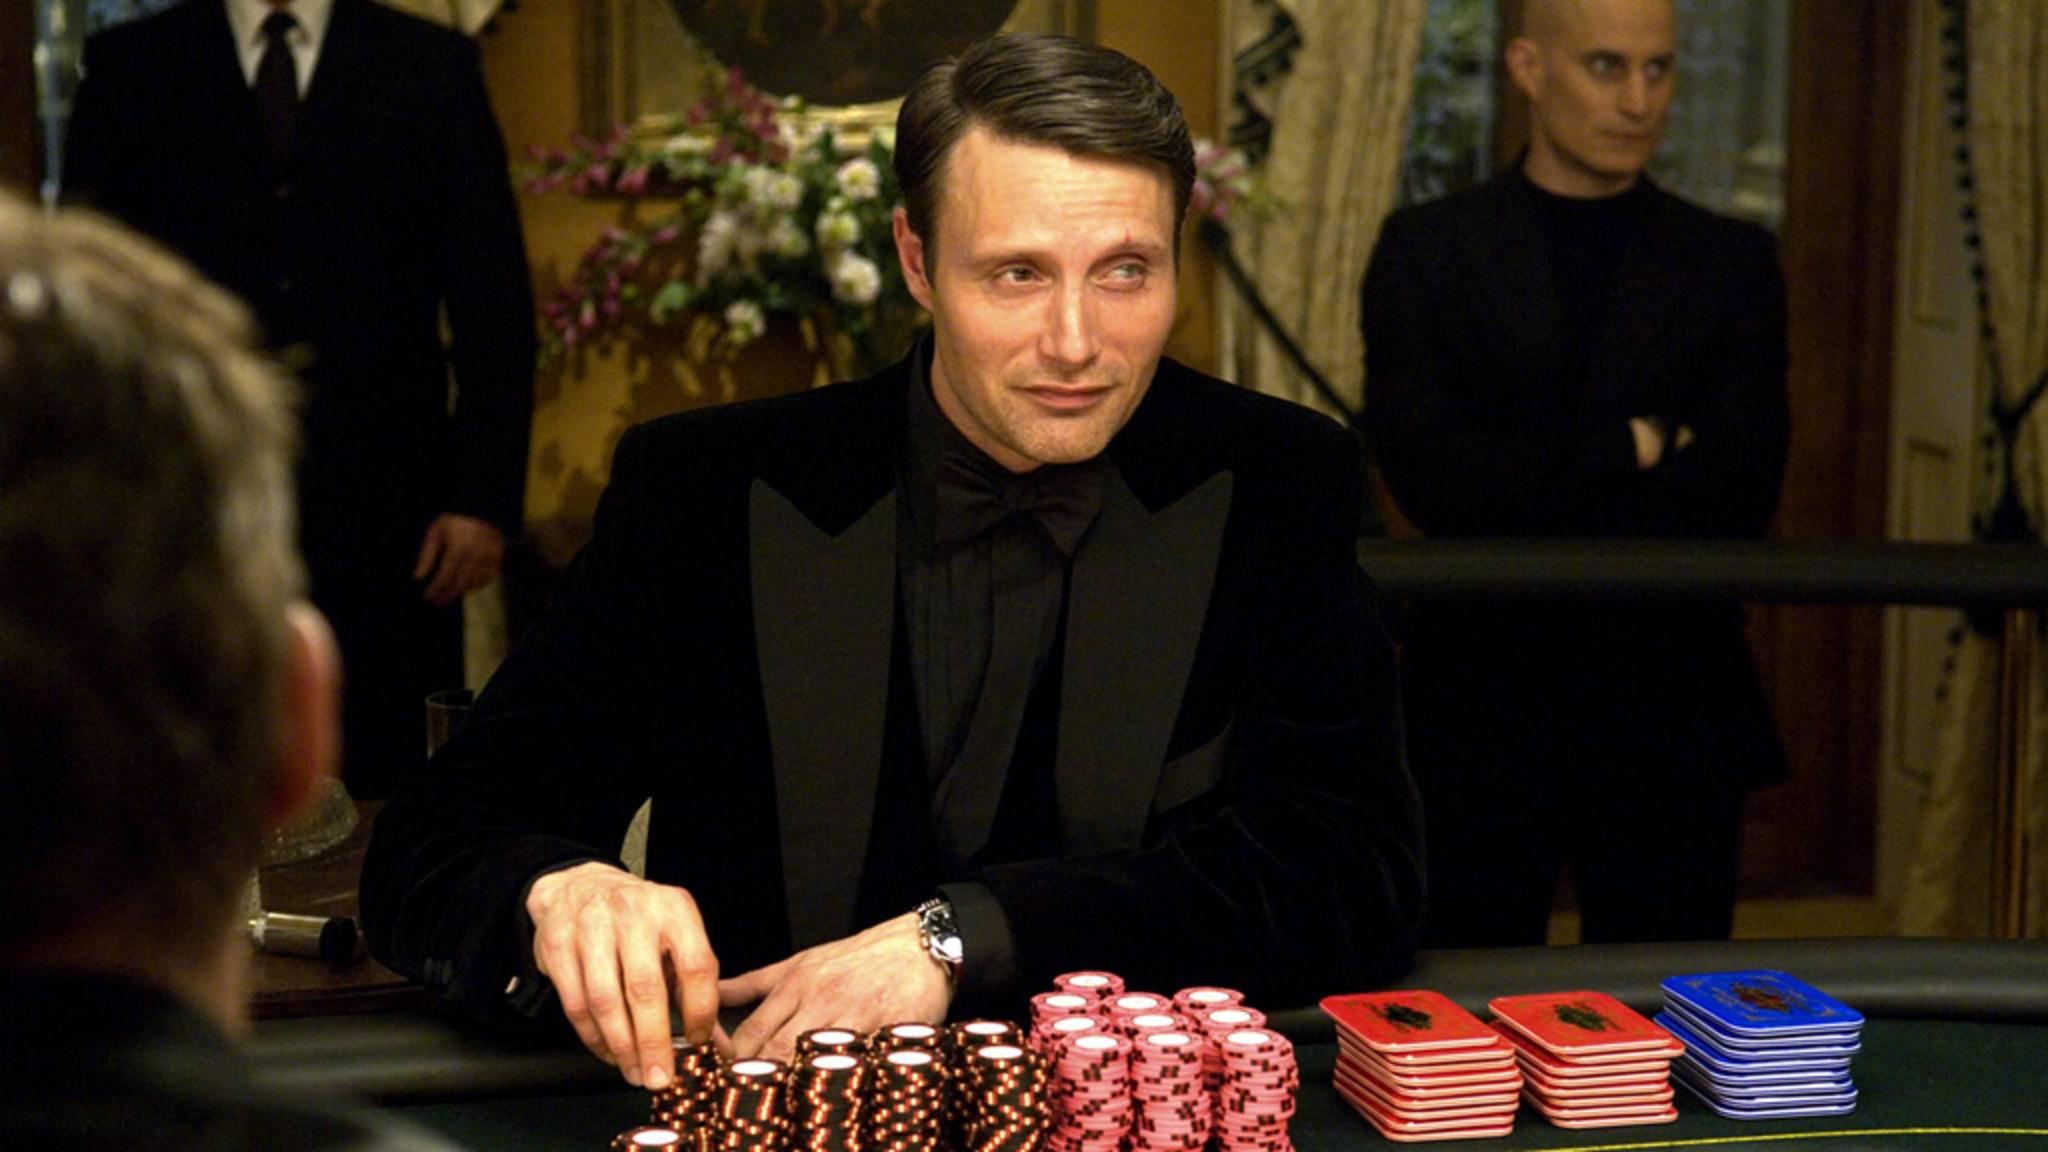 """Als Le Chiffre hat es Mads Mikkelsen in """"James Bond 007 – Casino Royale"""" auf den Topagenten des MI6 abgesehen."""